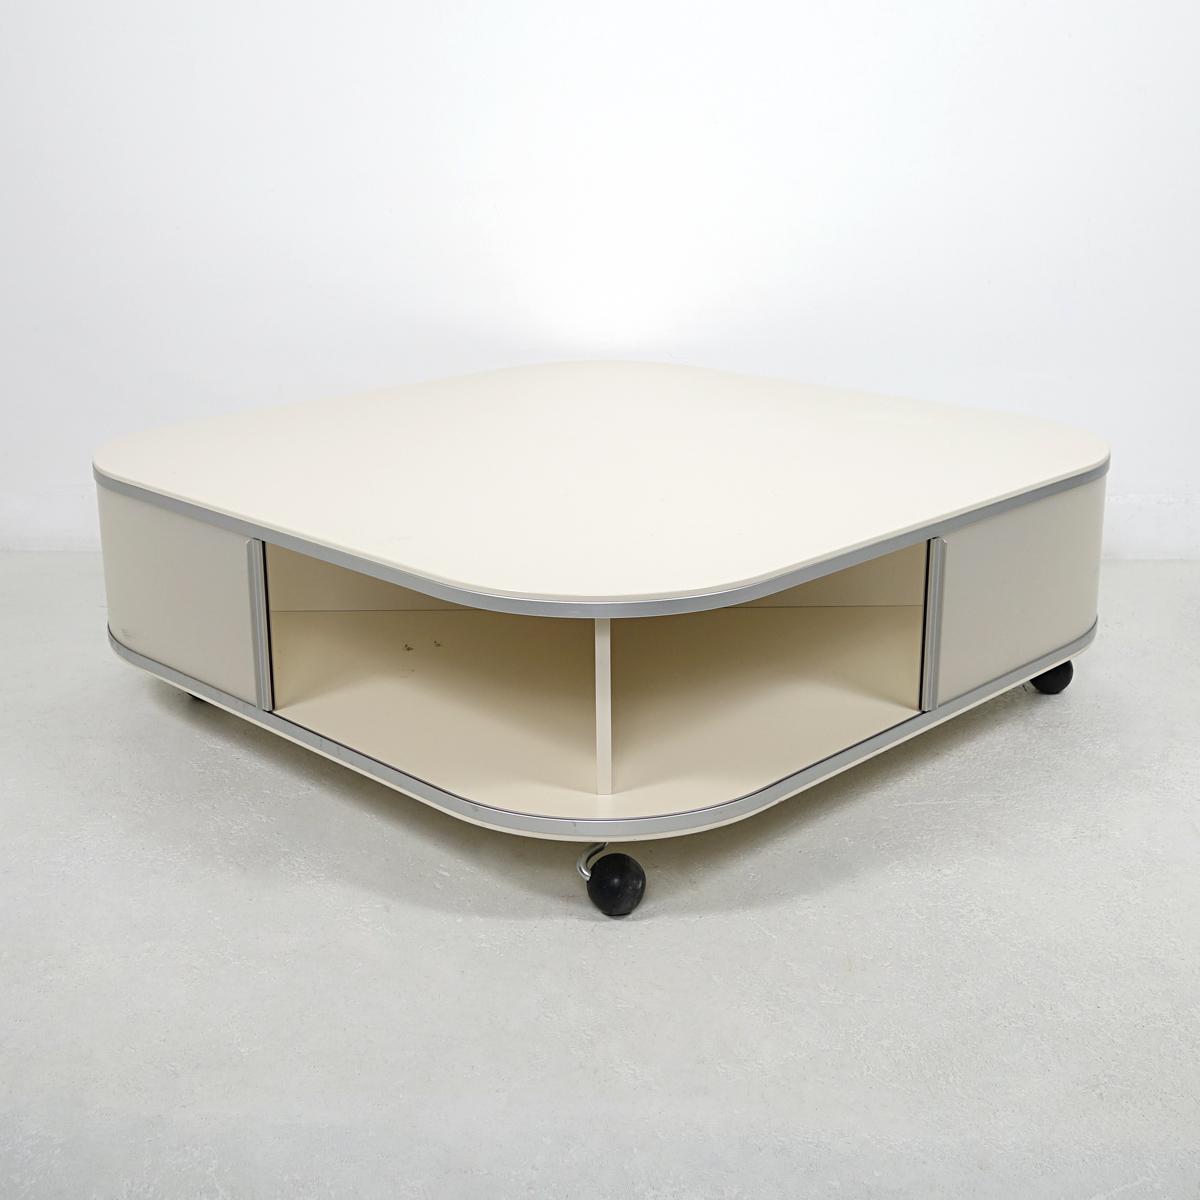 rare 1980s modern off white square